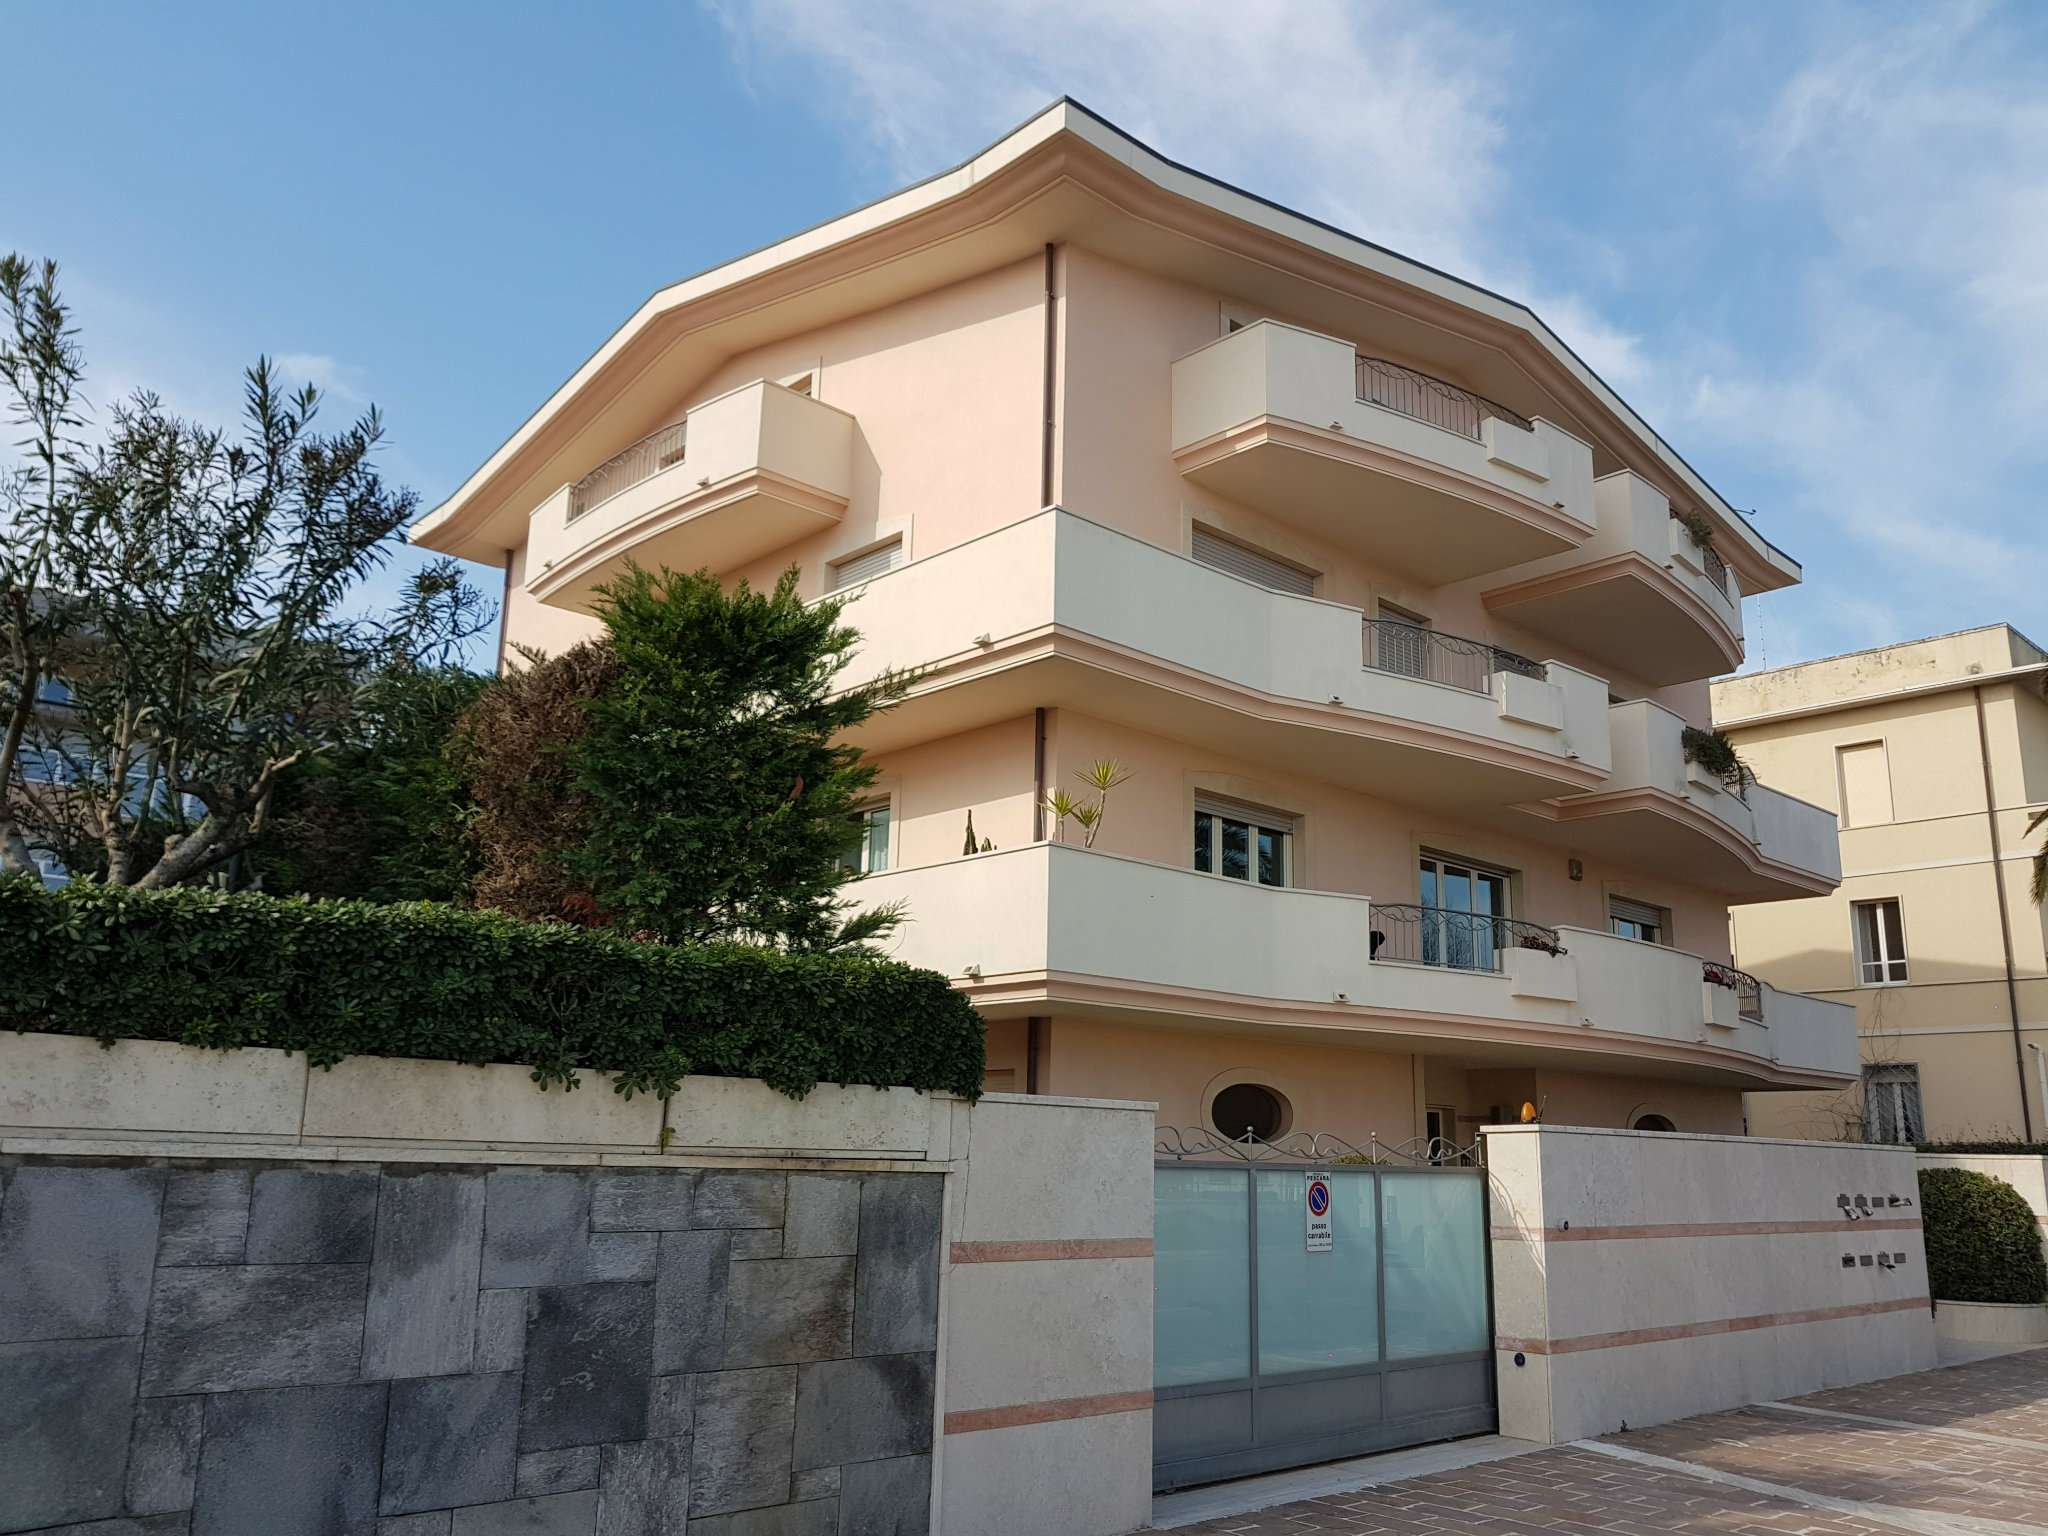 Attico / Mansarda in affitto a Pescara, 9999 locali, prezzo € 2.300 | Cambio Casa.it